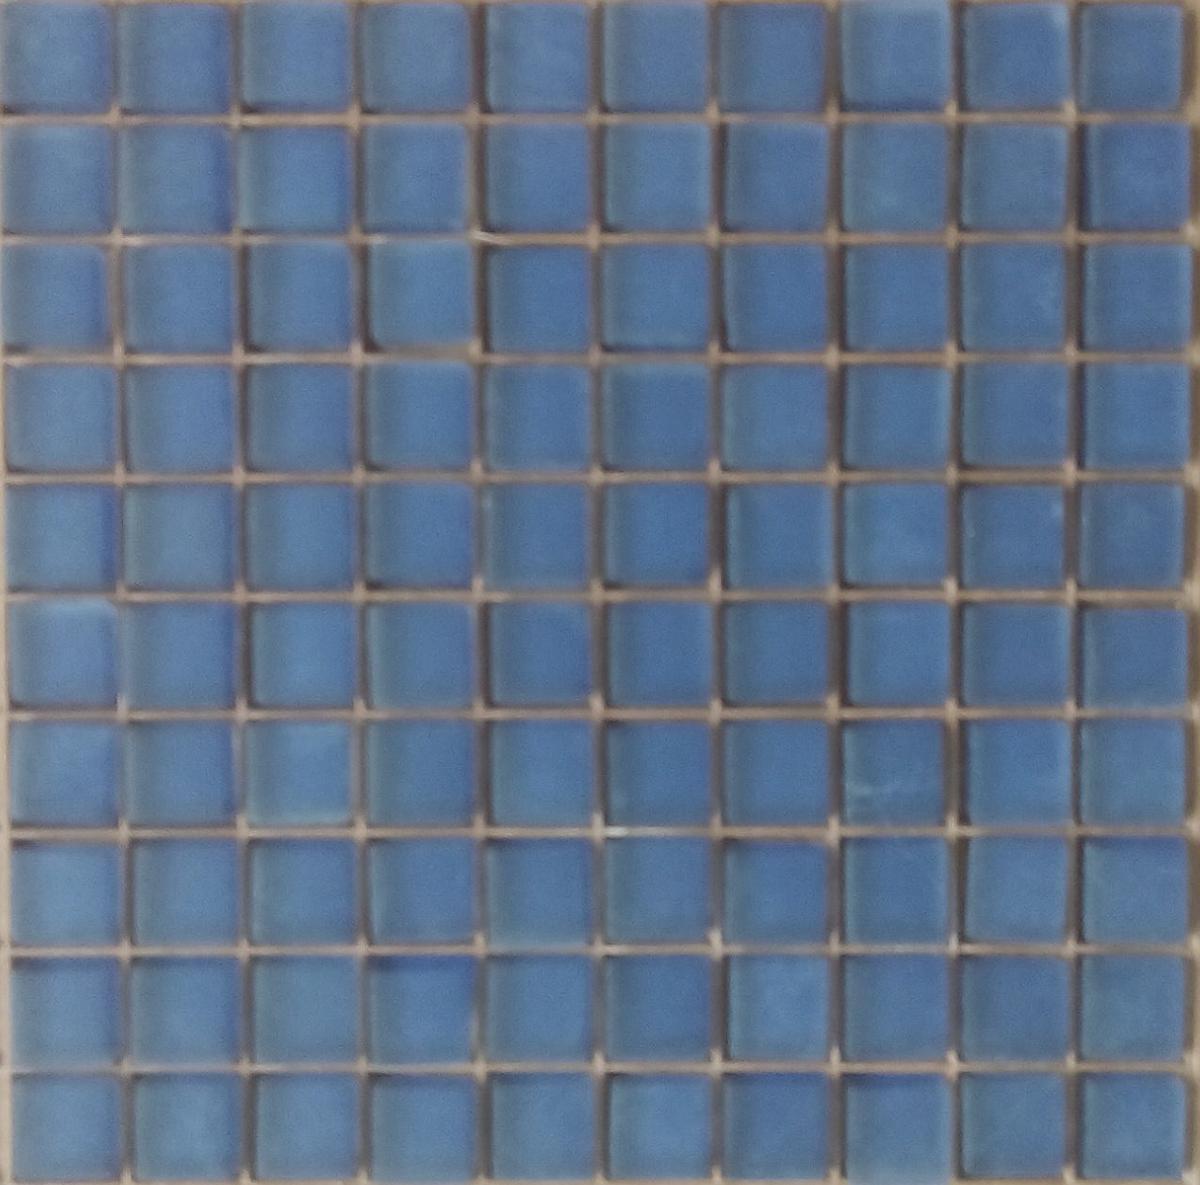 mosa que p te de verre couleur bleu marine mat plaque vente de mosa que salle de bain. Black Bedroom Furniture Sets. Home Design Ideas